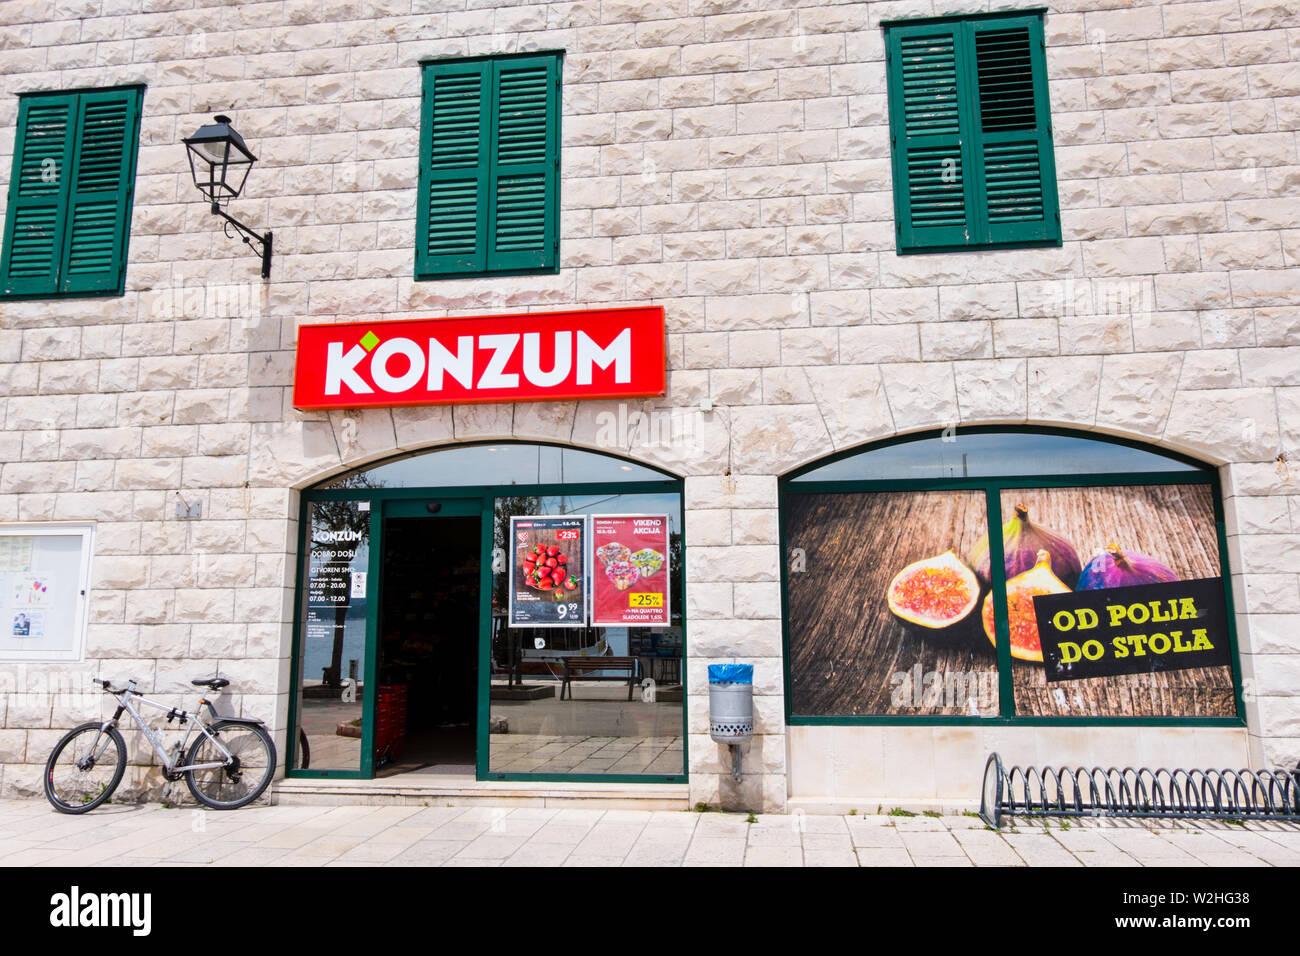 Konzum supermarché, Bol, Brac, Dalmatie, Croatie Photo Stock